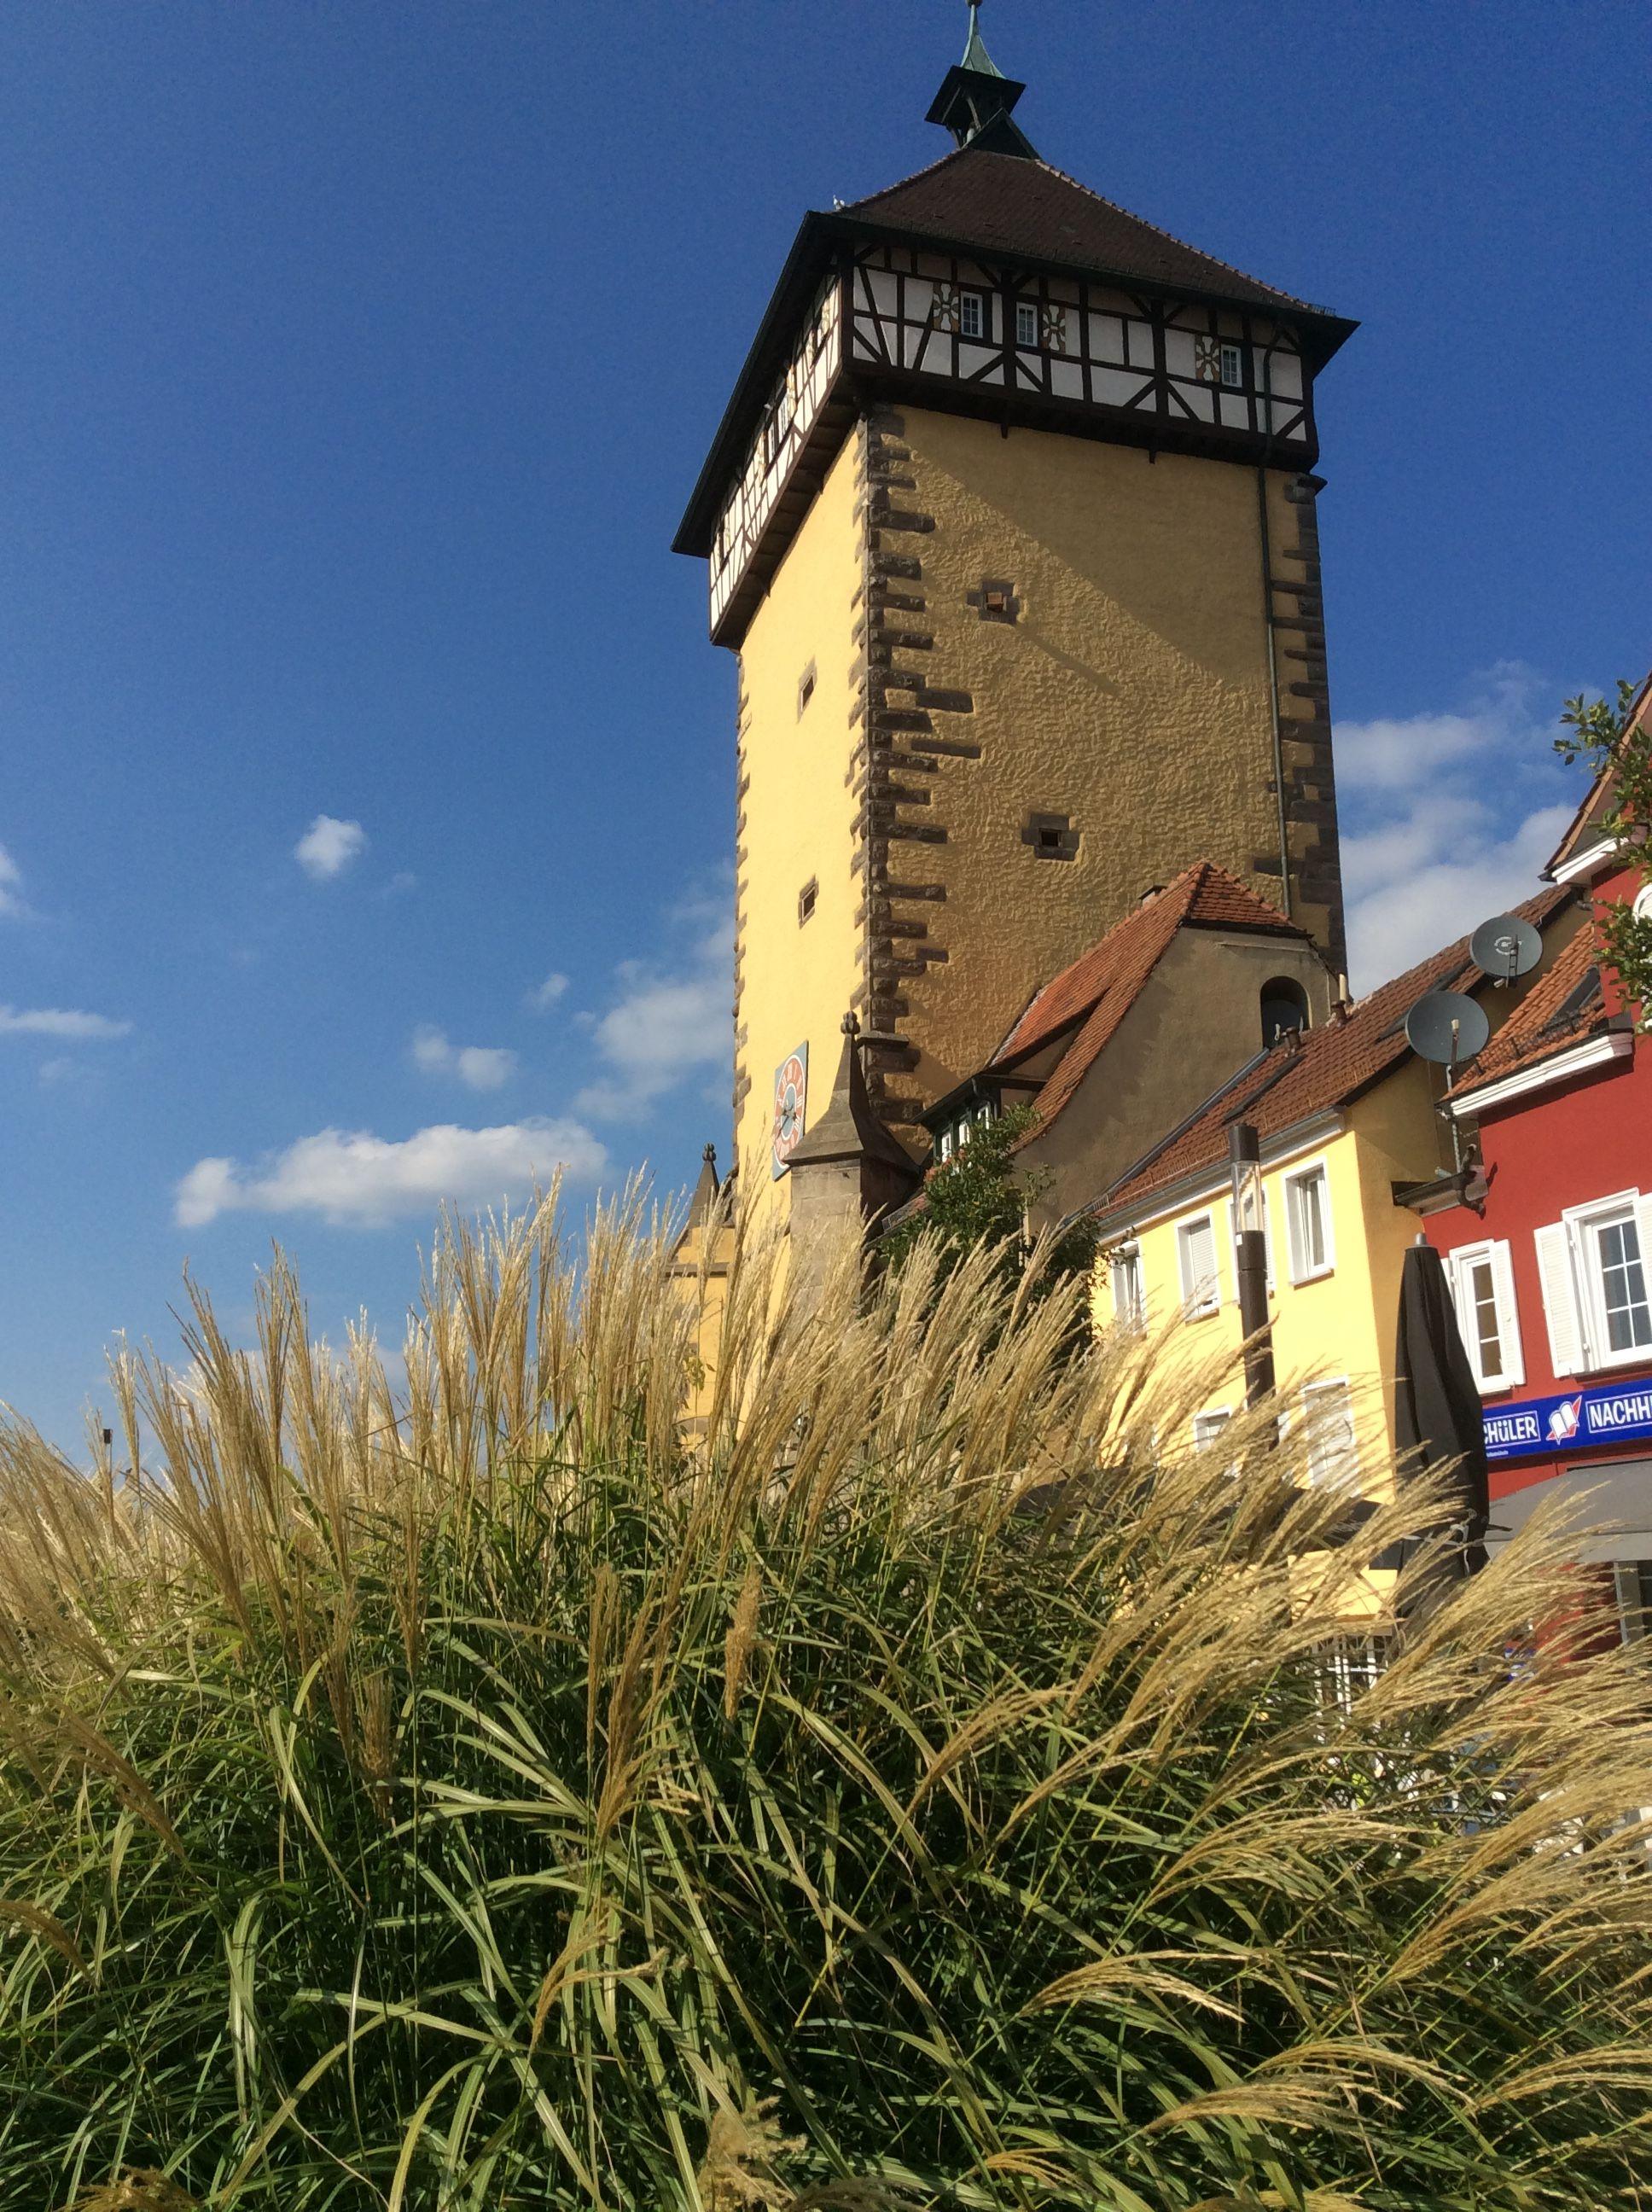 Das Tubinger Tor In Reutlingen Architektur Gebaude Pool